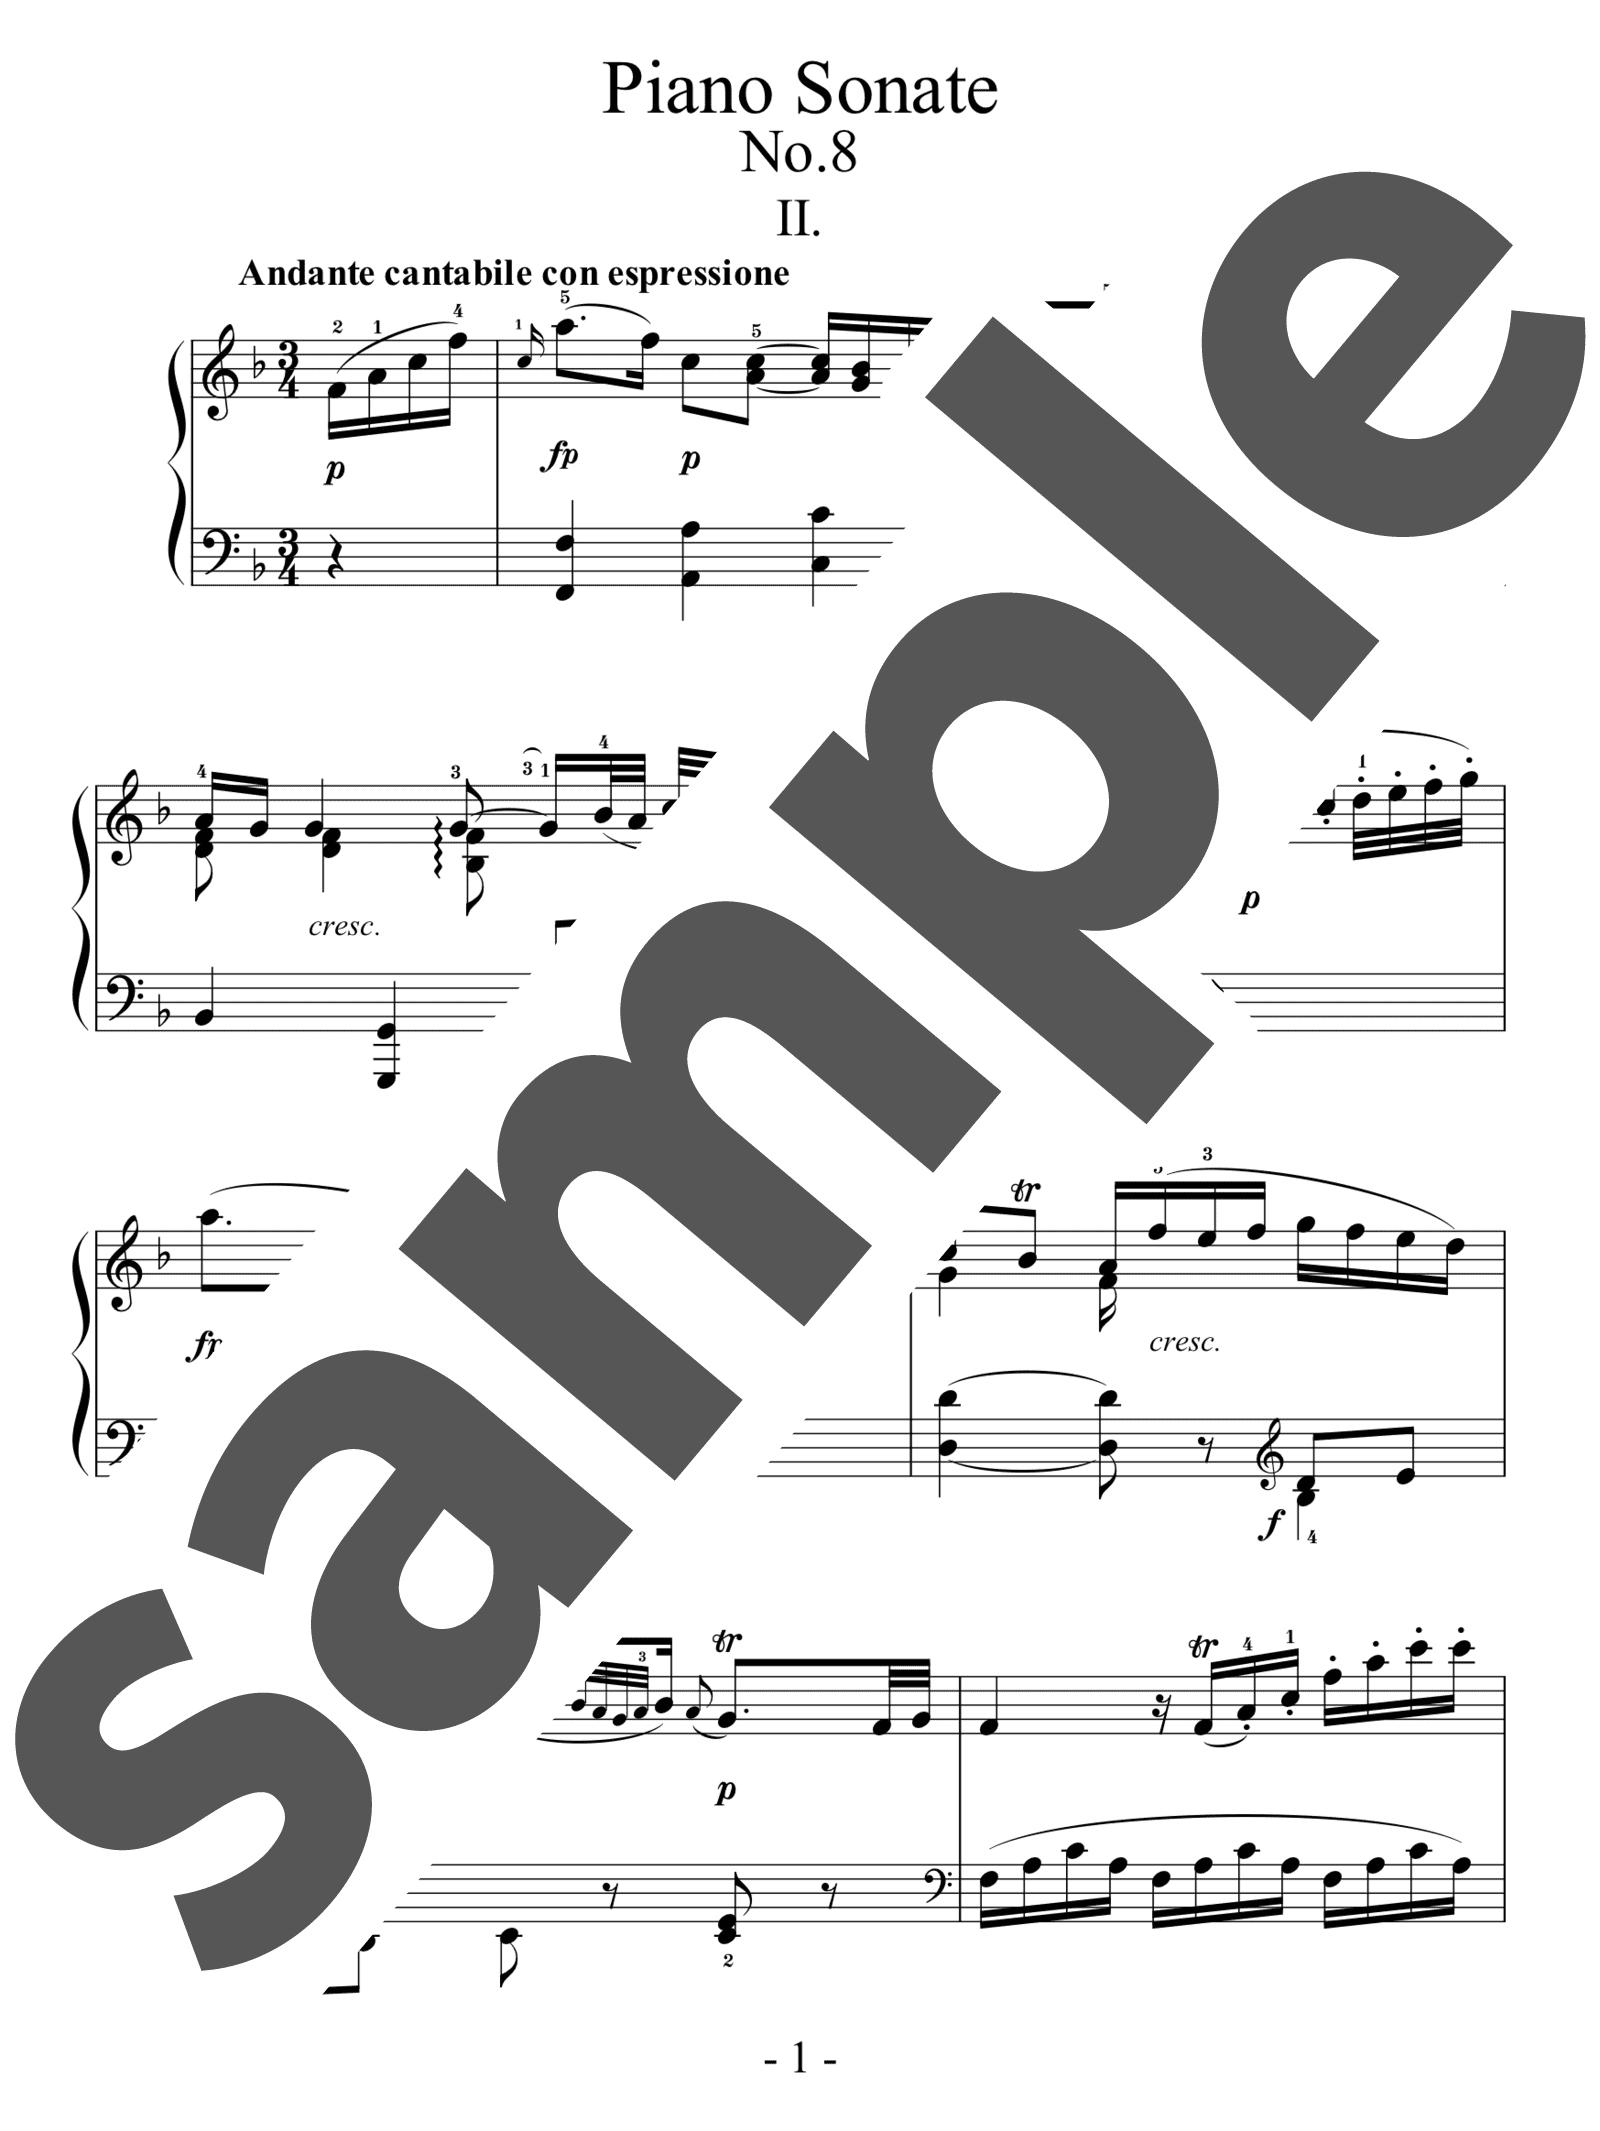 「ピアノ・ソナタ 第8番 イ短調 第2楽章」のサンプル楽譜